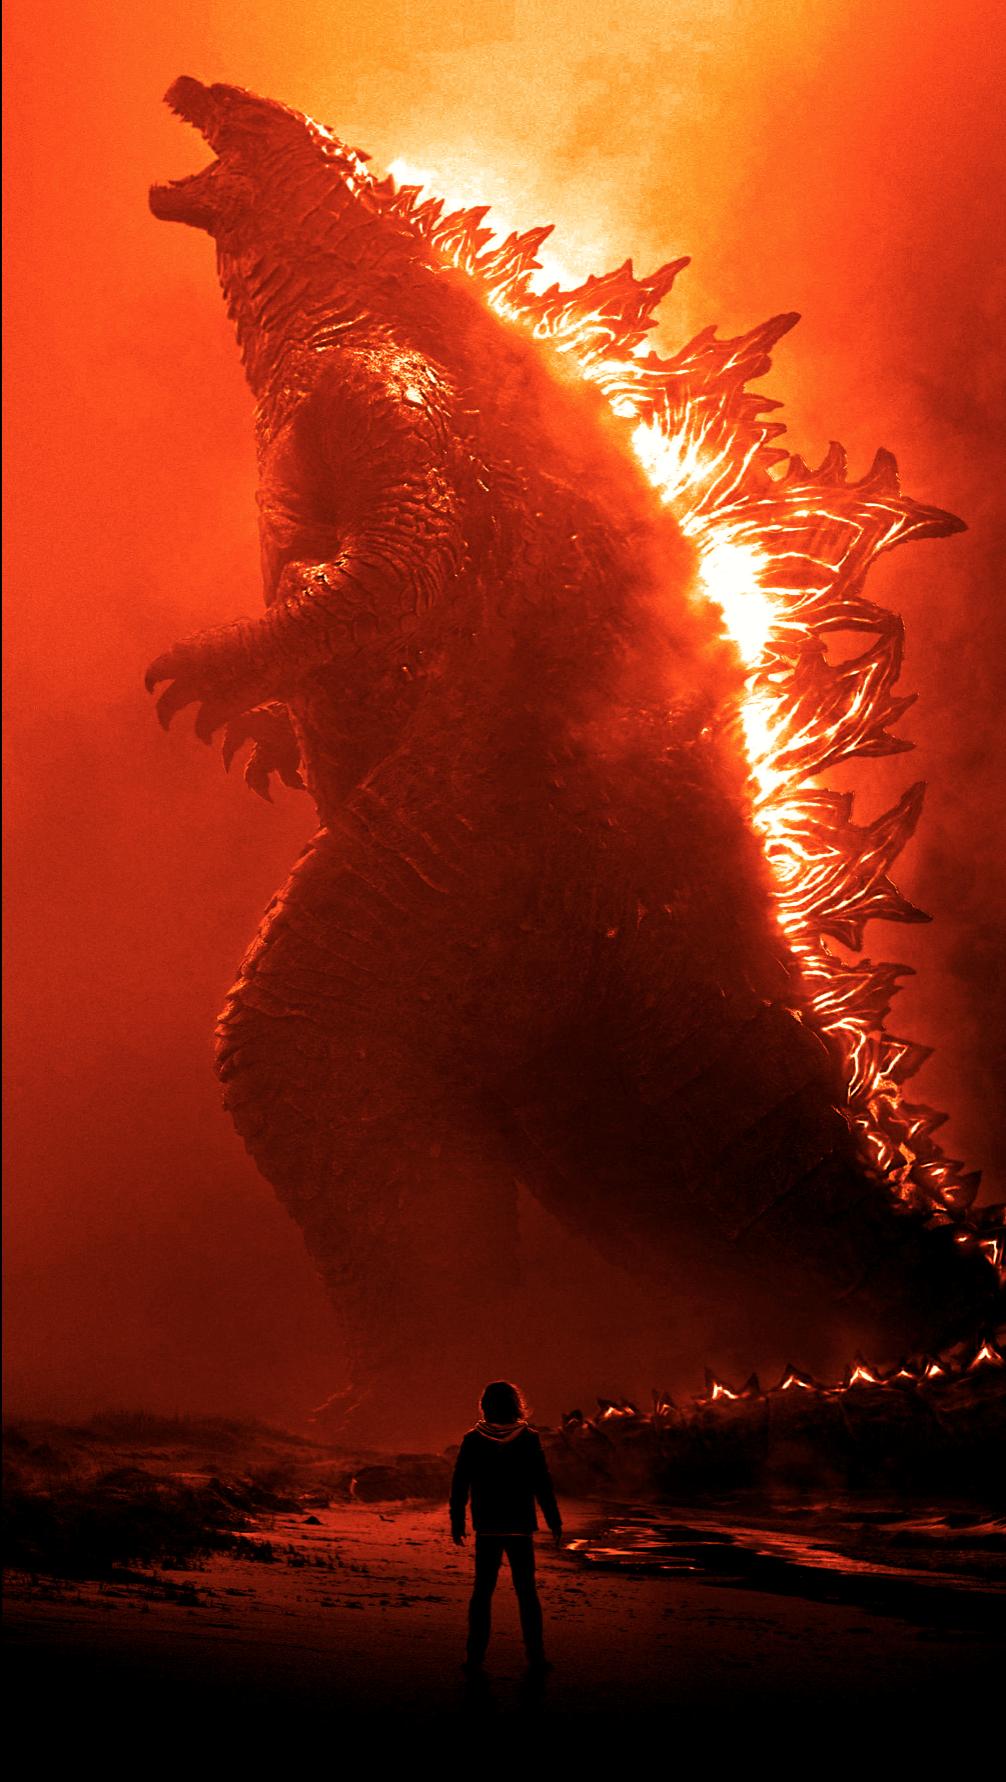 Godzilla 4k Wallpaper HD Godzilla wallpaper All godzilla 1006x1782